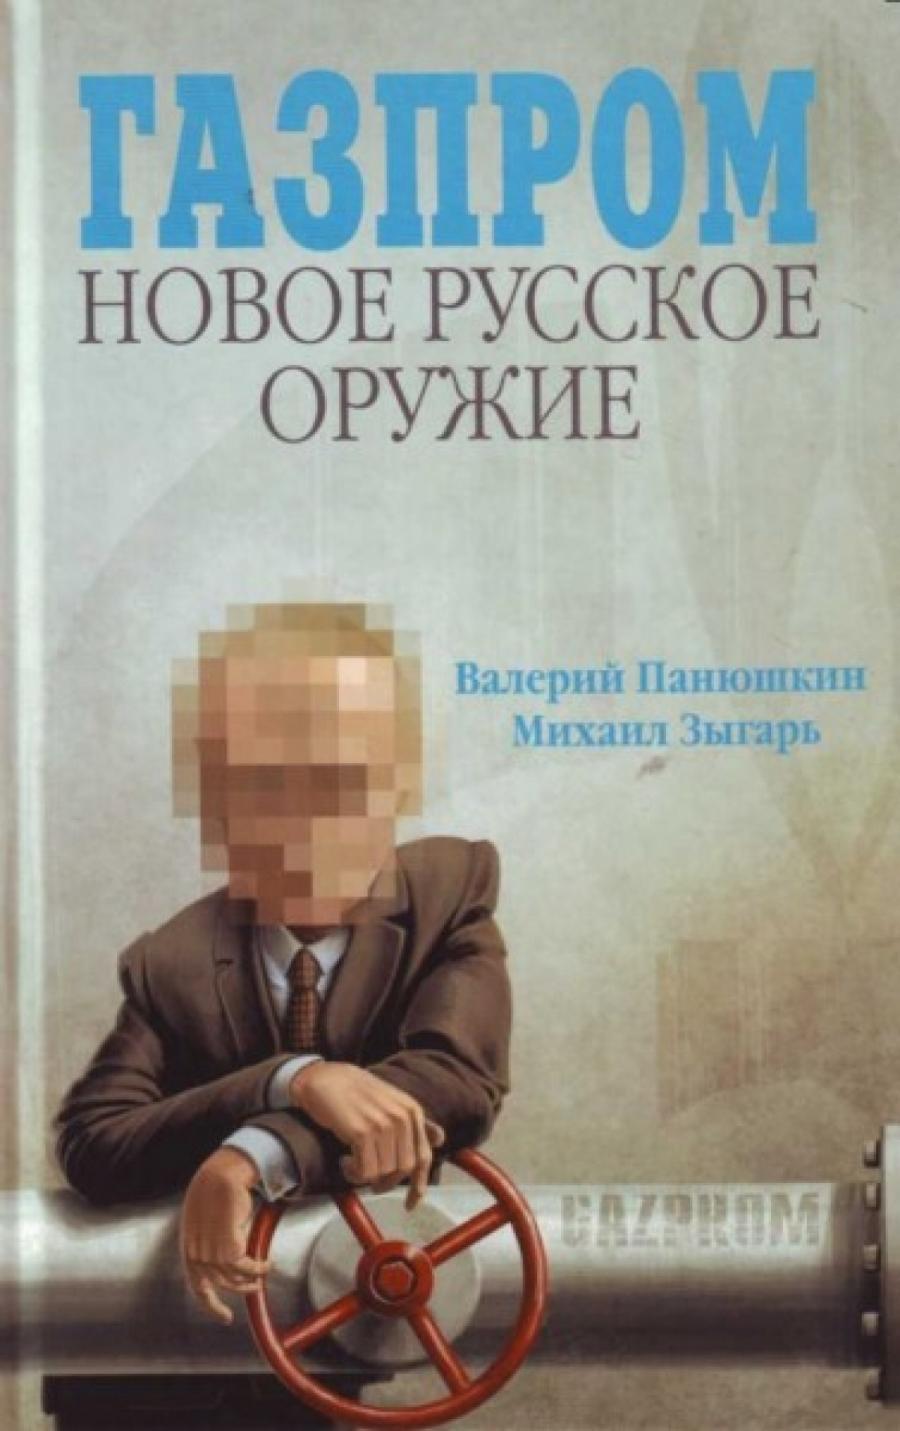 Обложка книги:  панюшкин в., зыгарь м. - газпром. новое русское оружие - скачать бесплатно